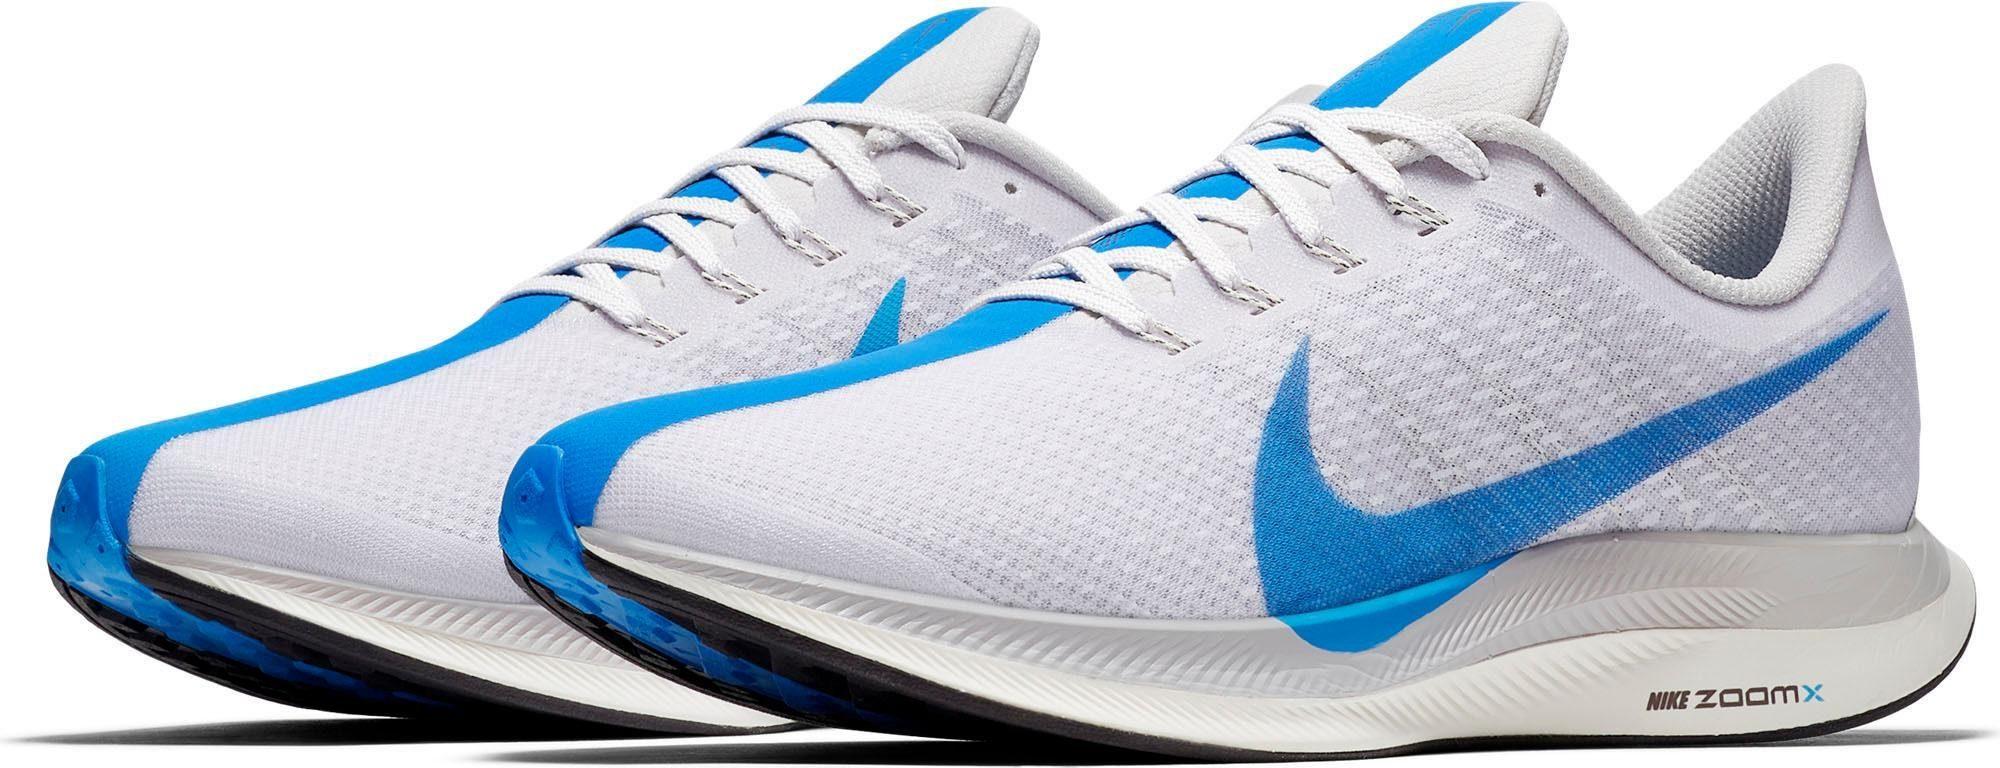 Nike »Zoom Pegasus 35 Turbo« Laufschuh kaufen | OTTO